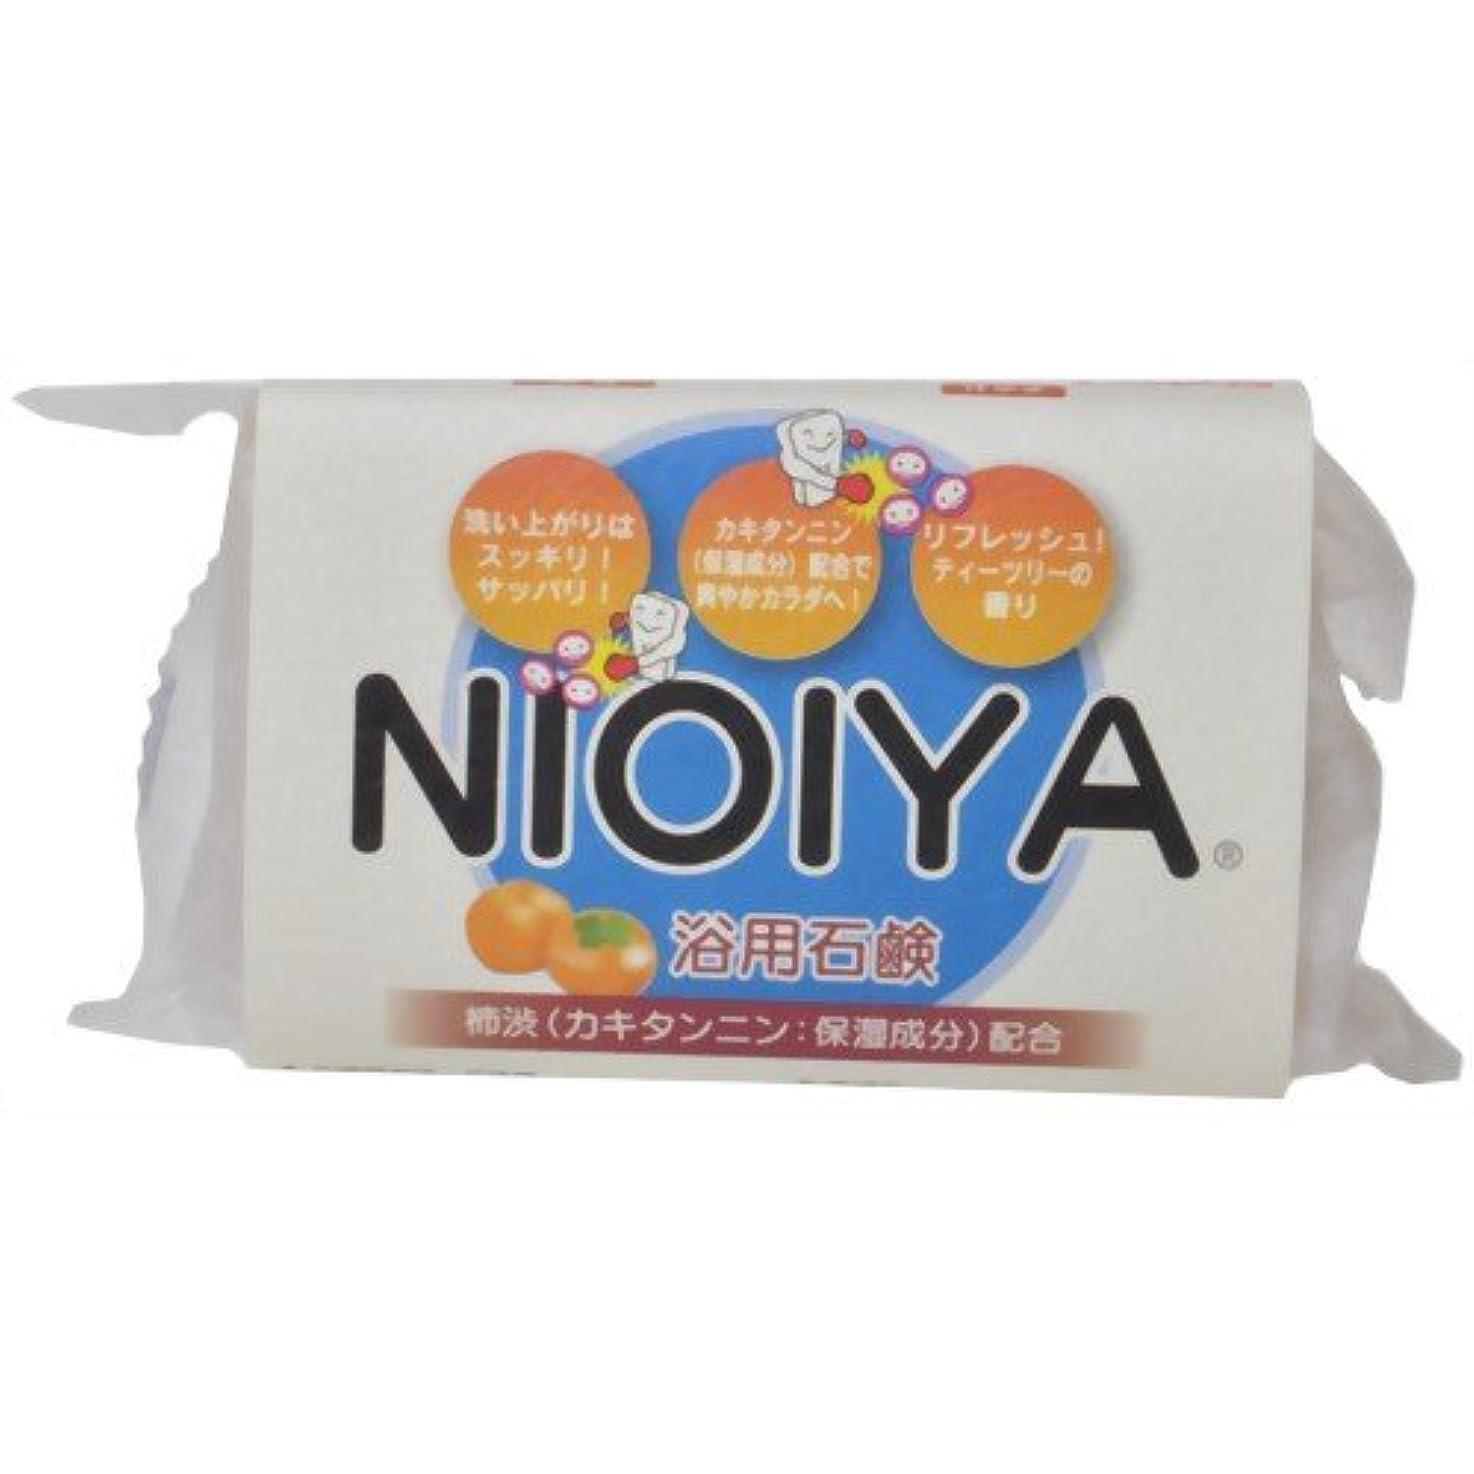 怒るレーダー韓国NIOIYA 浴用石鹸 120g